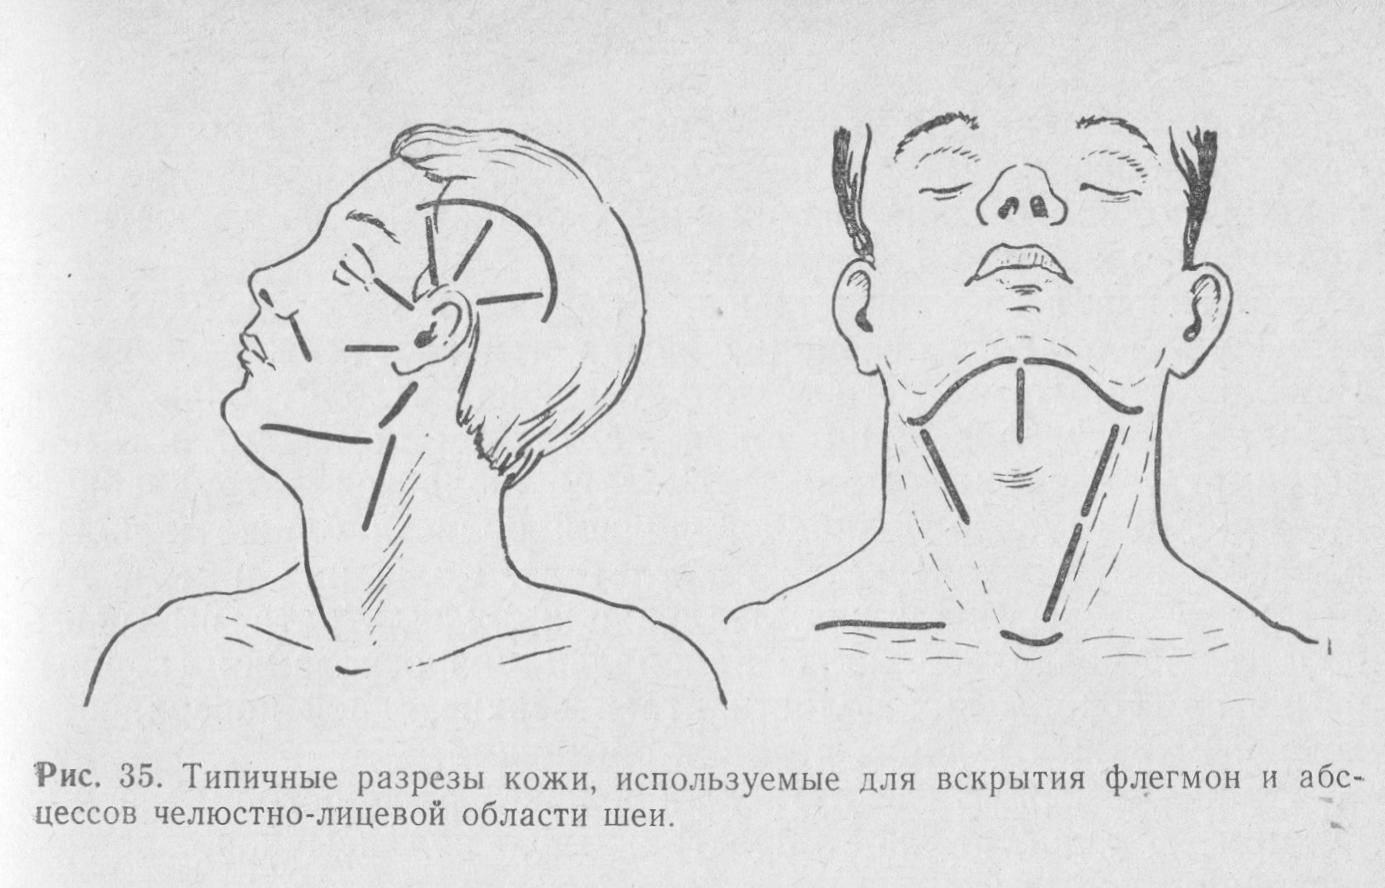 Флегмона подъязычной области и флегмона дна полости рта